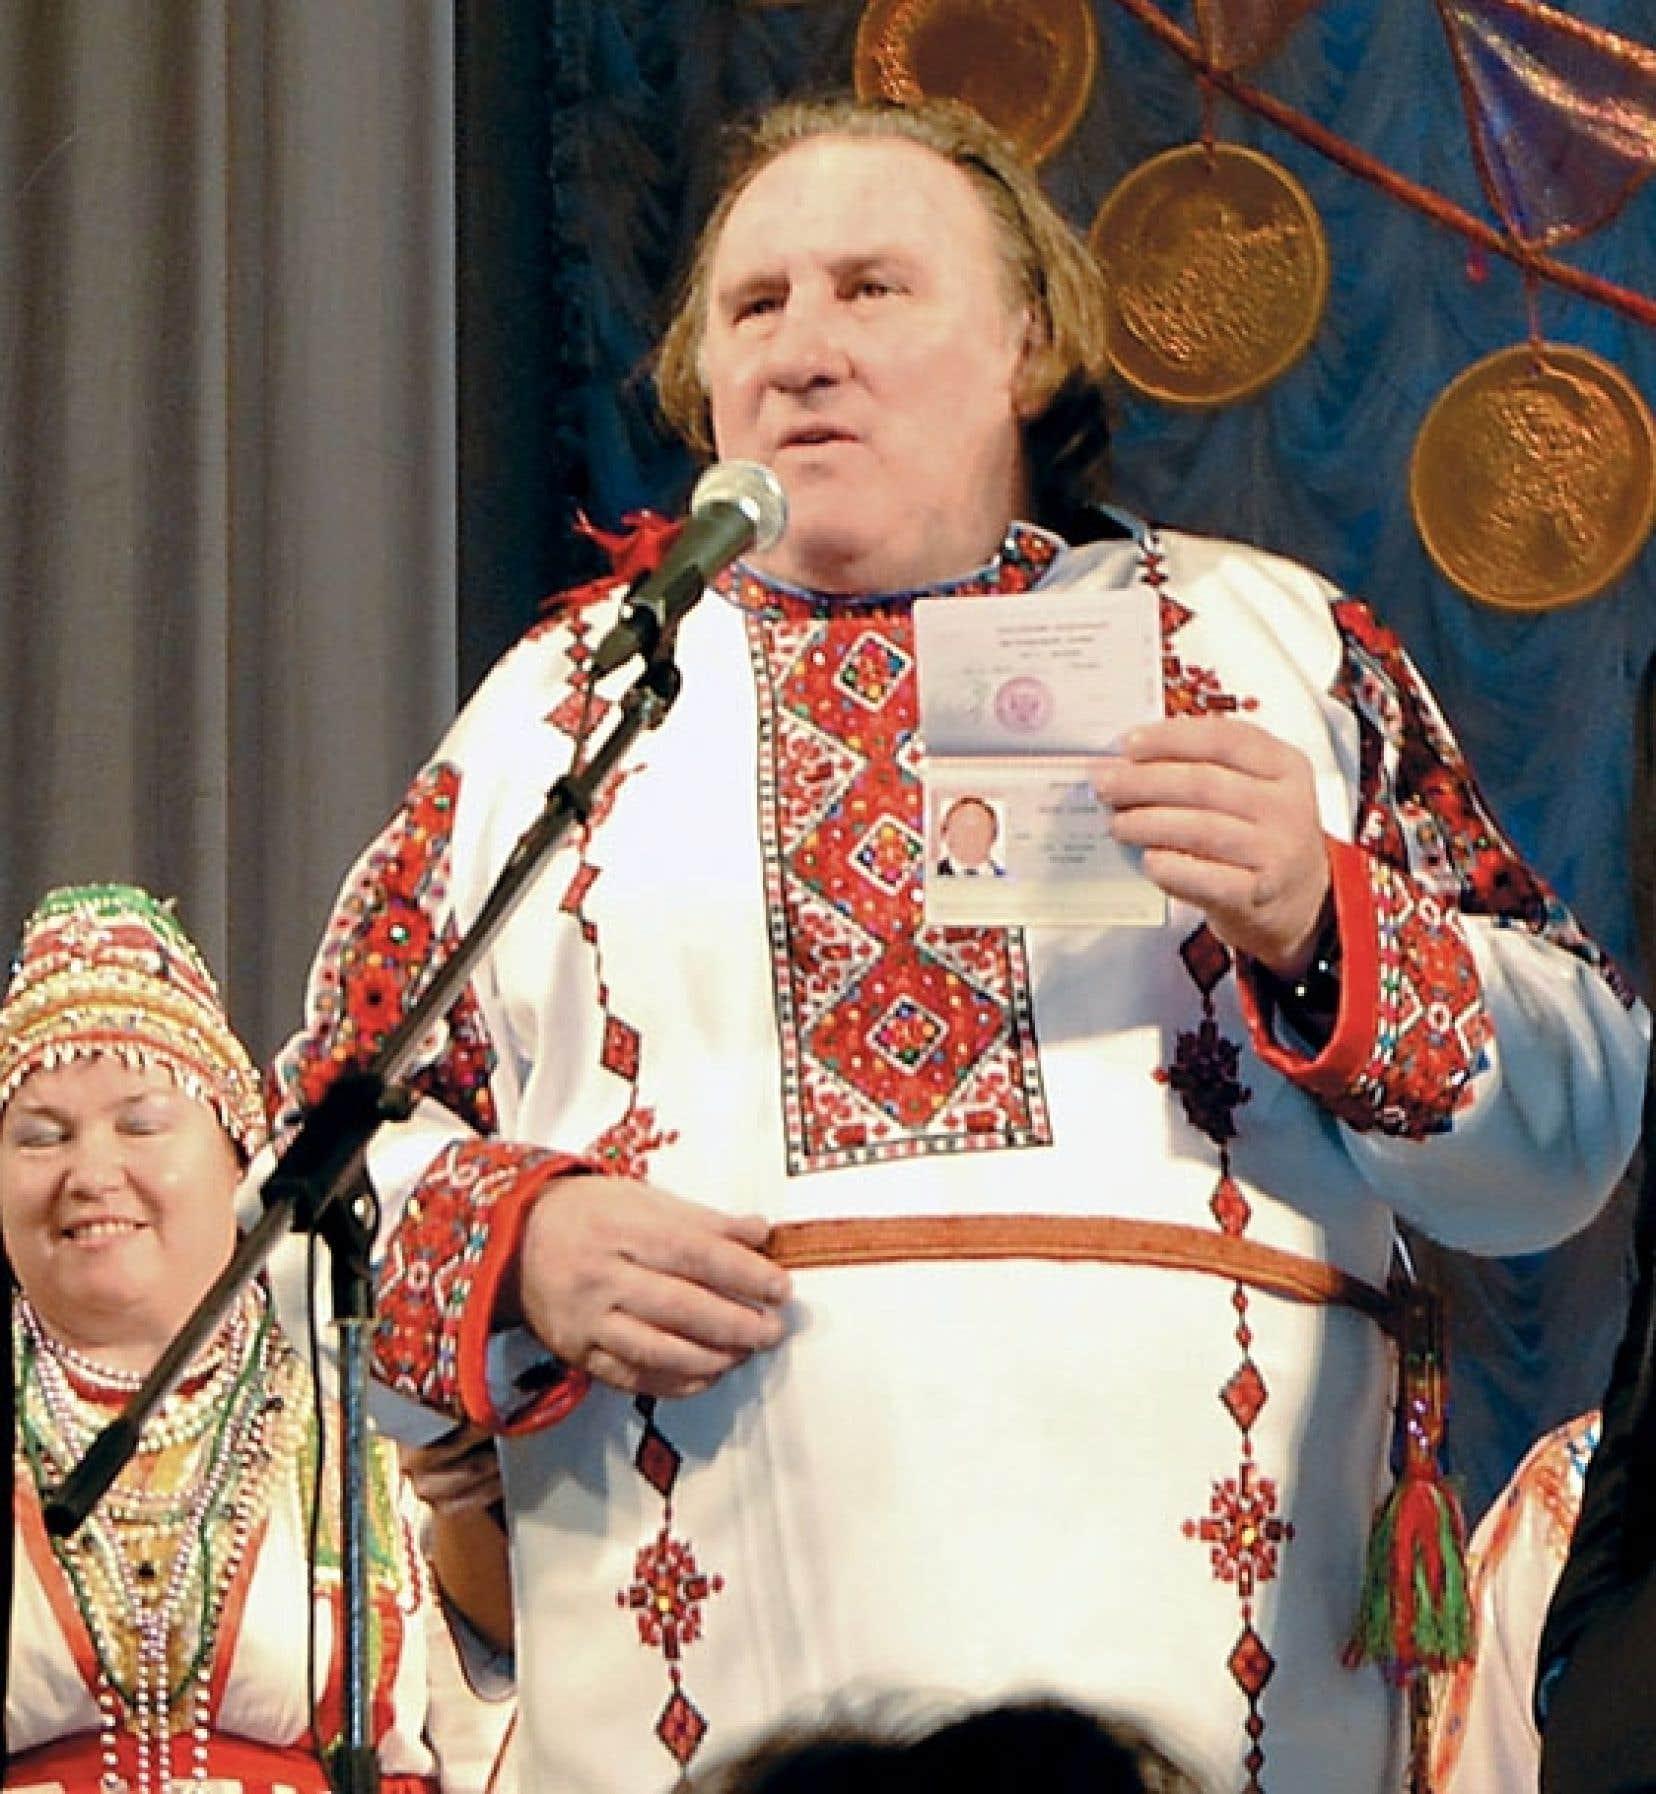 Gérard Depardieu pose avec son nouveau passeport russe sur une scène de théâtre, vêtu d'un costume folklorique, suite à son arrivée dans la ville de Saransk, à environ 700 km de Moscou.